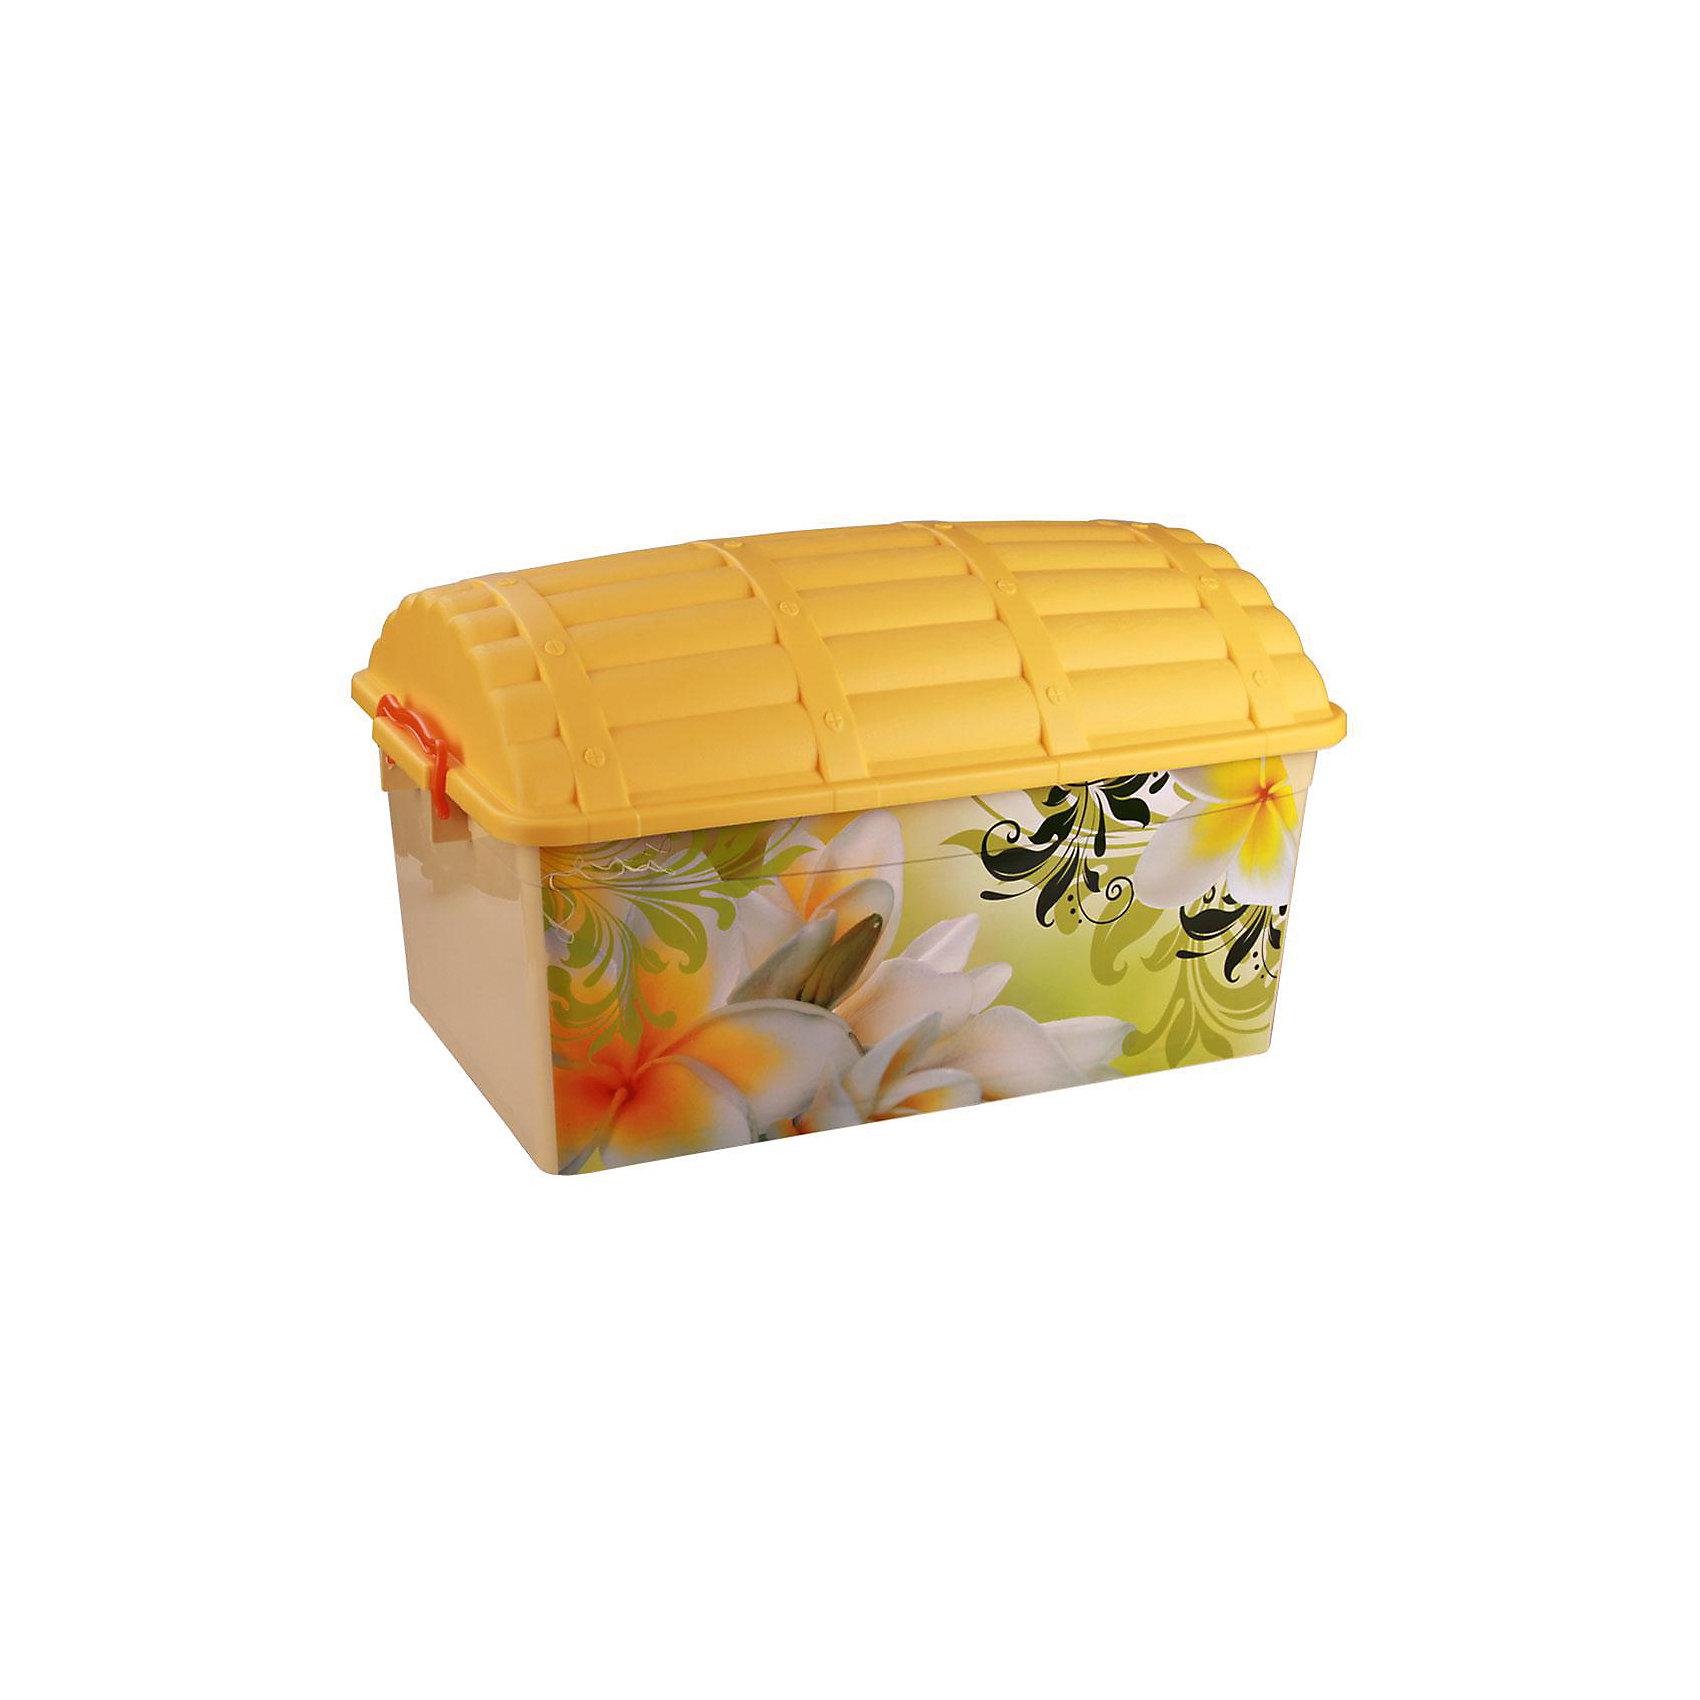 Контейнер Сундук (романтика) 40л., AlternativaПорядок в детской<br>Характеристики:<br><br>• Предназначение: для хранения игрушек<br>• Материал: пластик<br>• Цвет: розовый, желтый, зеленый, оранжевый<br>• Размер (Д*Ш*В): 62*40,5*27 см<br>• Вместимость (объем): 40 л<br>• Форма: прямоугольный<br>• Наличие крышки с замками-клипсами<br>• Особенности ухода: разрешается мыть теплой водой<br><br>Контейнер Сундук (романтика) 40 л., Alternativa изготовлен отечественным производителем ООО ЗПИ Альтернатива, который специализируется на выпуске широкого спектра изделий из пластика. <br>Контейнер в форме сундука выполнен из экологически безопасного пластика, устойчивого к механическим повреждениям, корпус оформлен цветочным рисунком, в комплекте имеется крышка яркого желтого цвета. Изделие обеспечит не только порядок в комнате ребенка, но и станет ярким предметом интерьера. Контейнер Сундук (романтика) 40 л., Alternativa вместительный, но при этом обладает легким весом.<br><br>Контейнер Сундук (романтика) 40 л., Alternativa можно купить в нашем интернет-магазине.<br><br>Ширина мм: 620<br>Глубина мм: 405<br>Высота мм: 330<br>Вес г: 1768<br>Возраст от месяцев: 6<br>Возраст до месяцев: 84<br>Пол: Женский<br>Возраст: Детский<br>SKU: 5096567